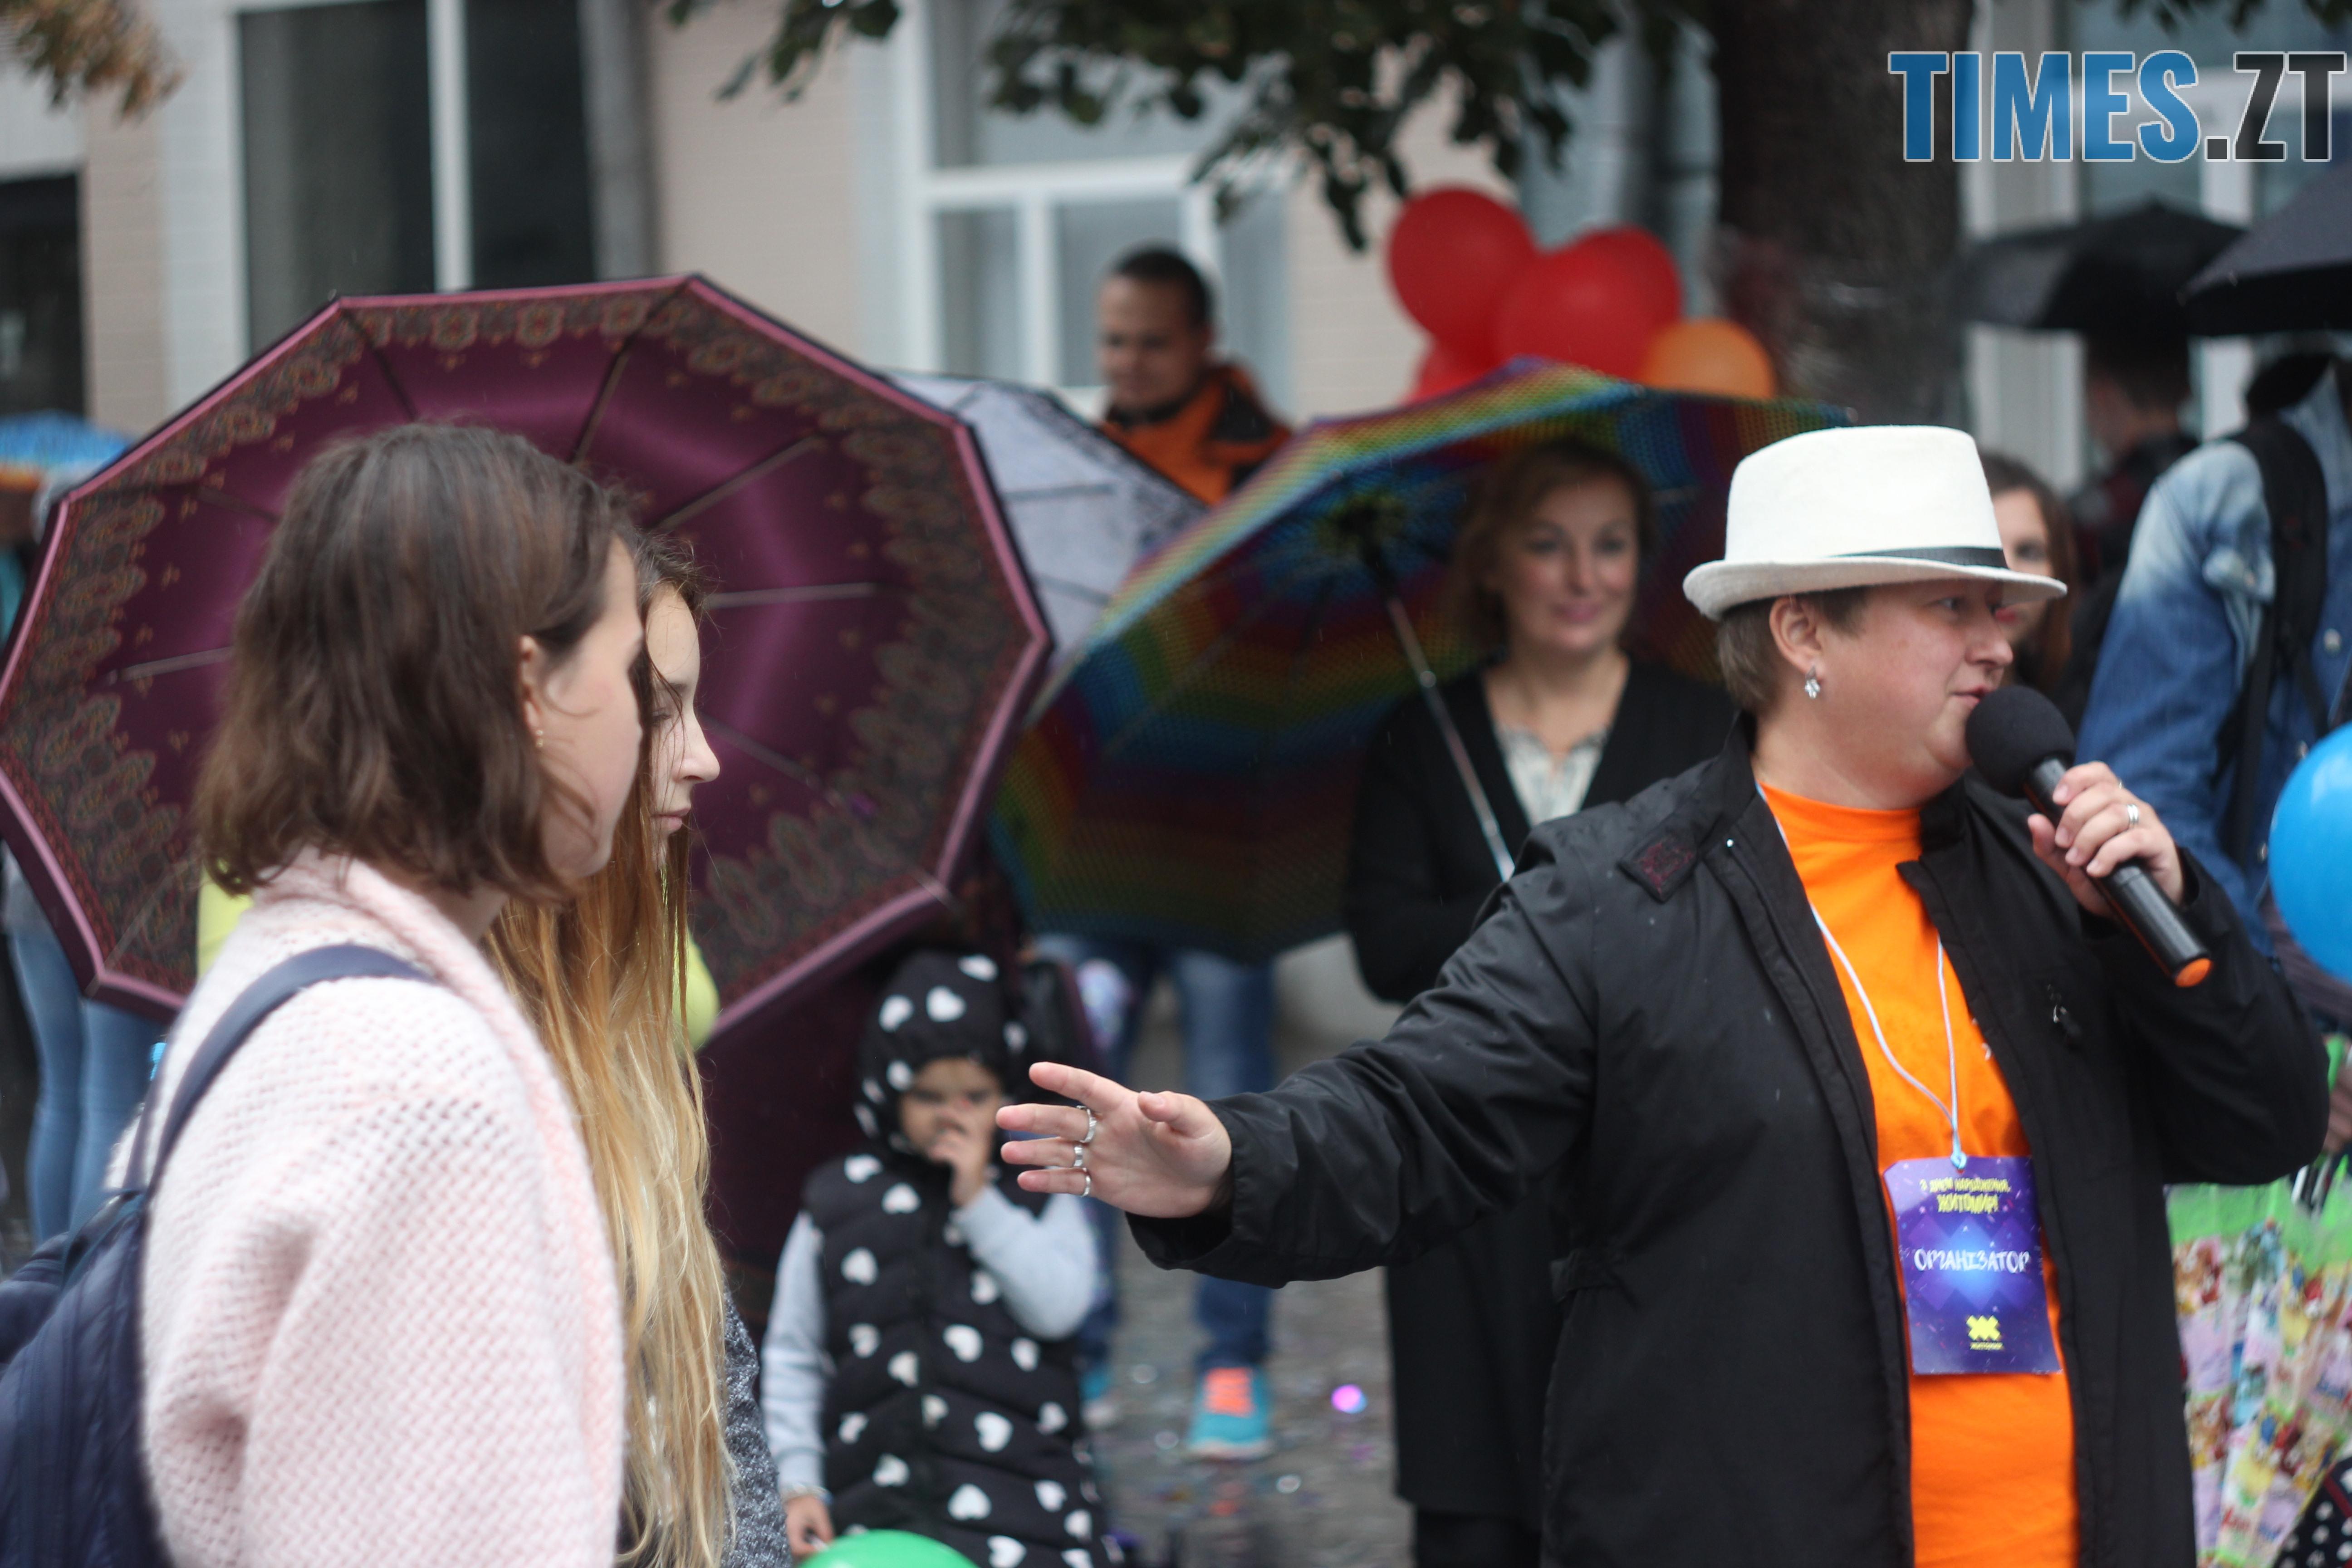 IMG 9696 - Дитячі розваги на Михайлівській: маленькі житомиряни святкують День міста (ФОТО)